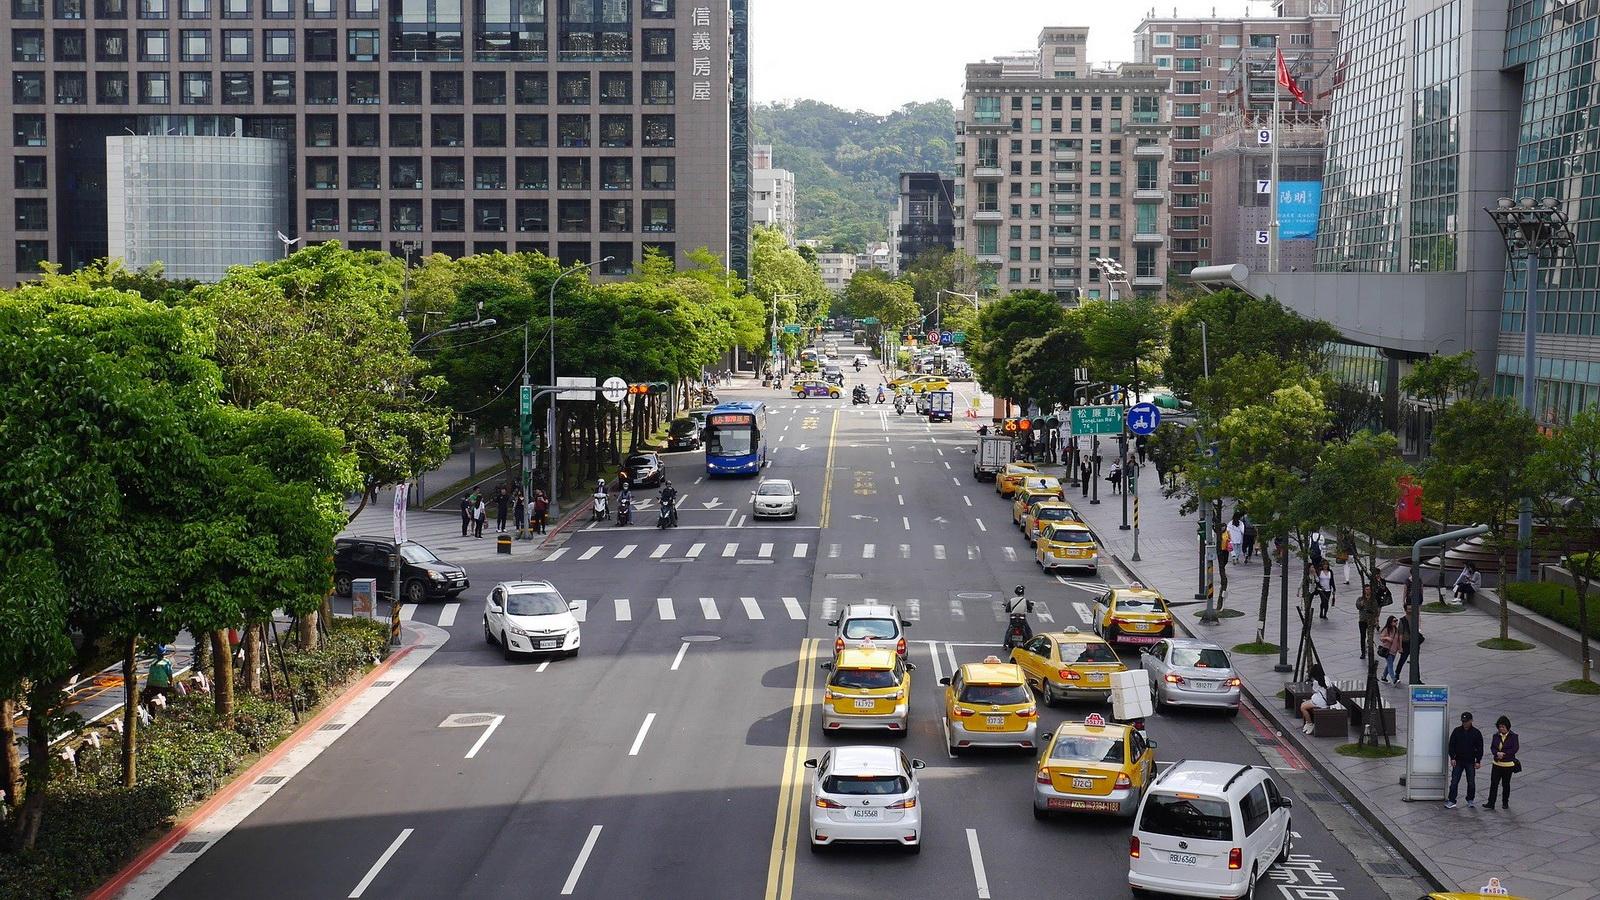 圖/白牌計程車出沒地點以飯店、機場、火車站…等大眾運輸場站周邊居多,也造成計程車業者生意的衝擊。圖片來源:Punnatorn Thepsuwanworn from Pixabay